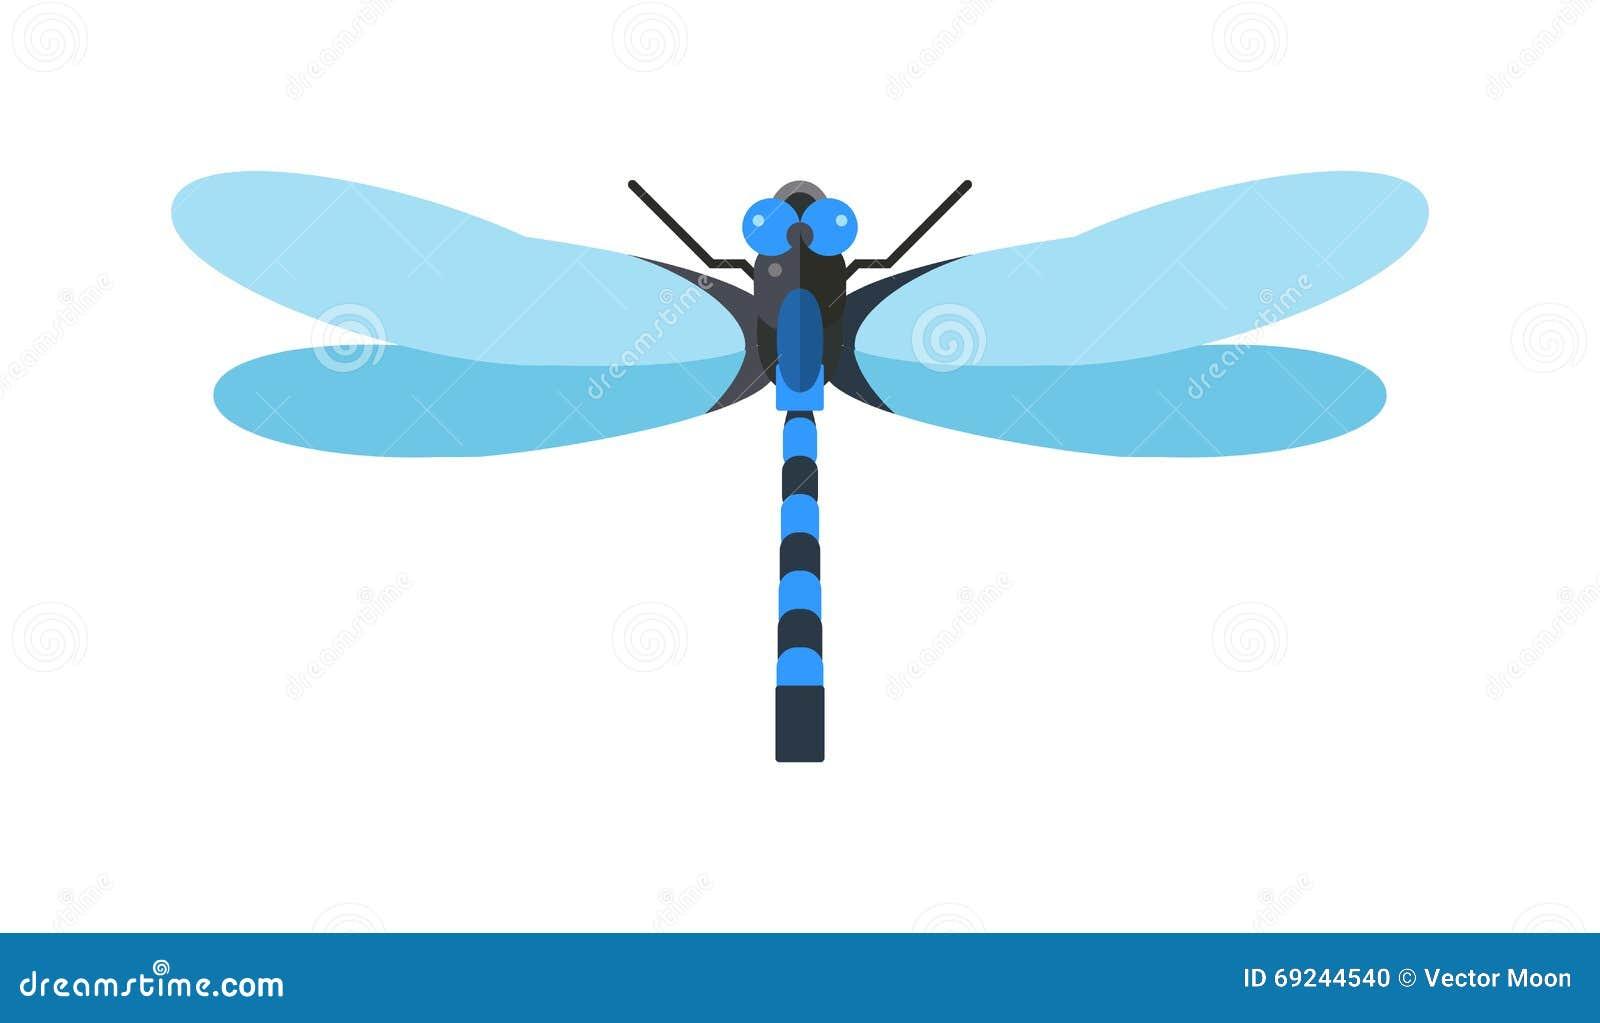 有大眼睛自然昆虫动物野生生物传染媒介例证的蜻蜓anax imperator男性蓝色皇帝